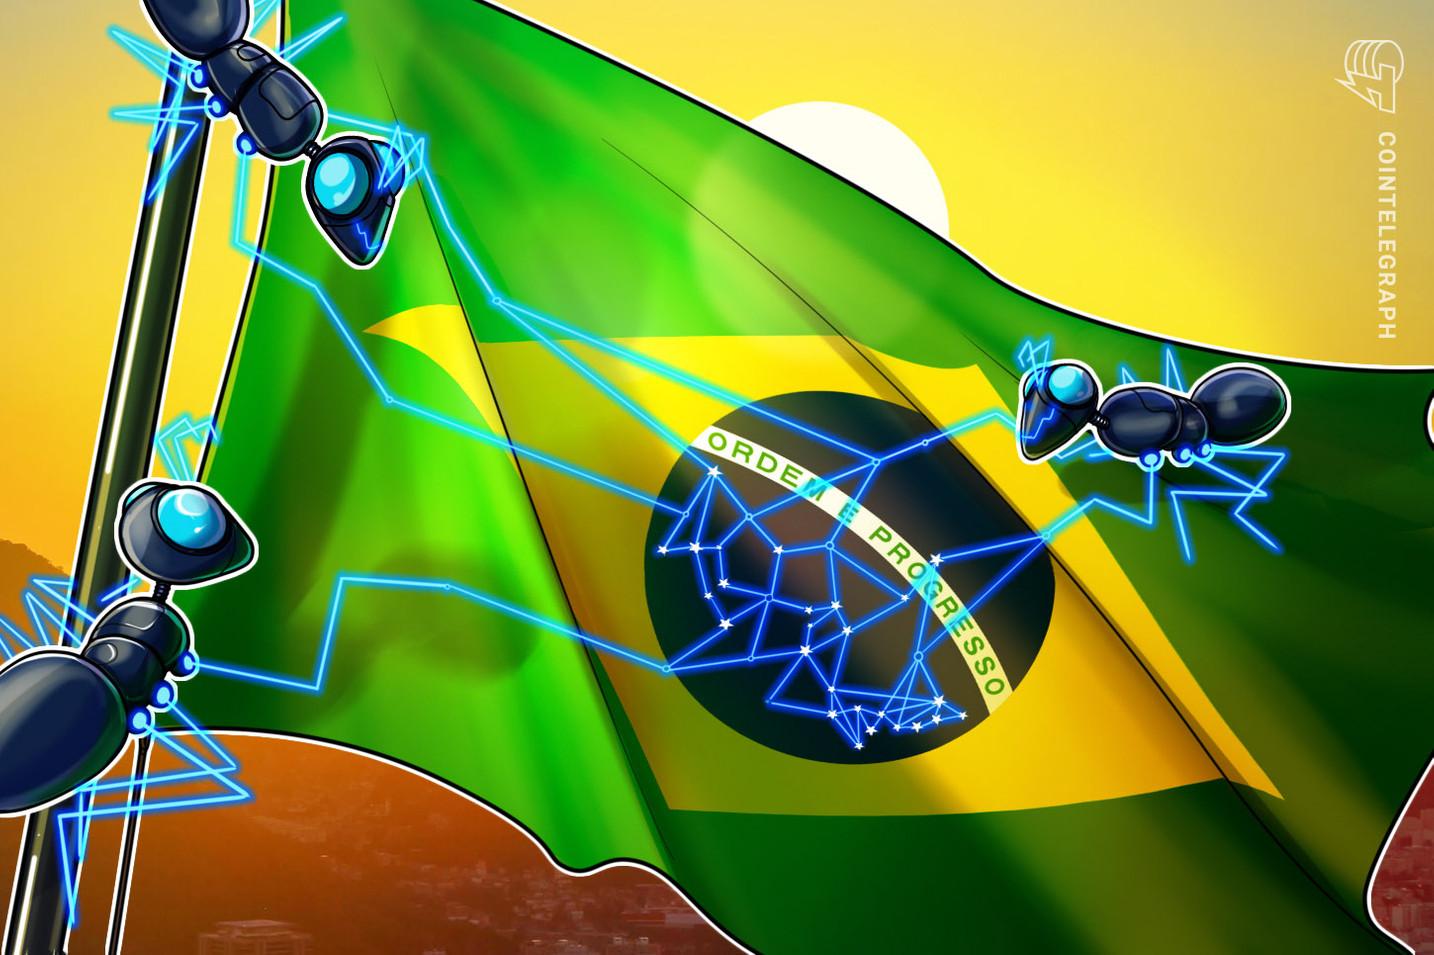 Neuer brasilianischer Bitcoin-ETF will CO2-neutral werden